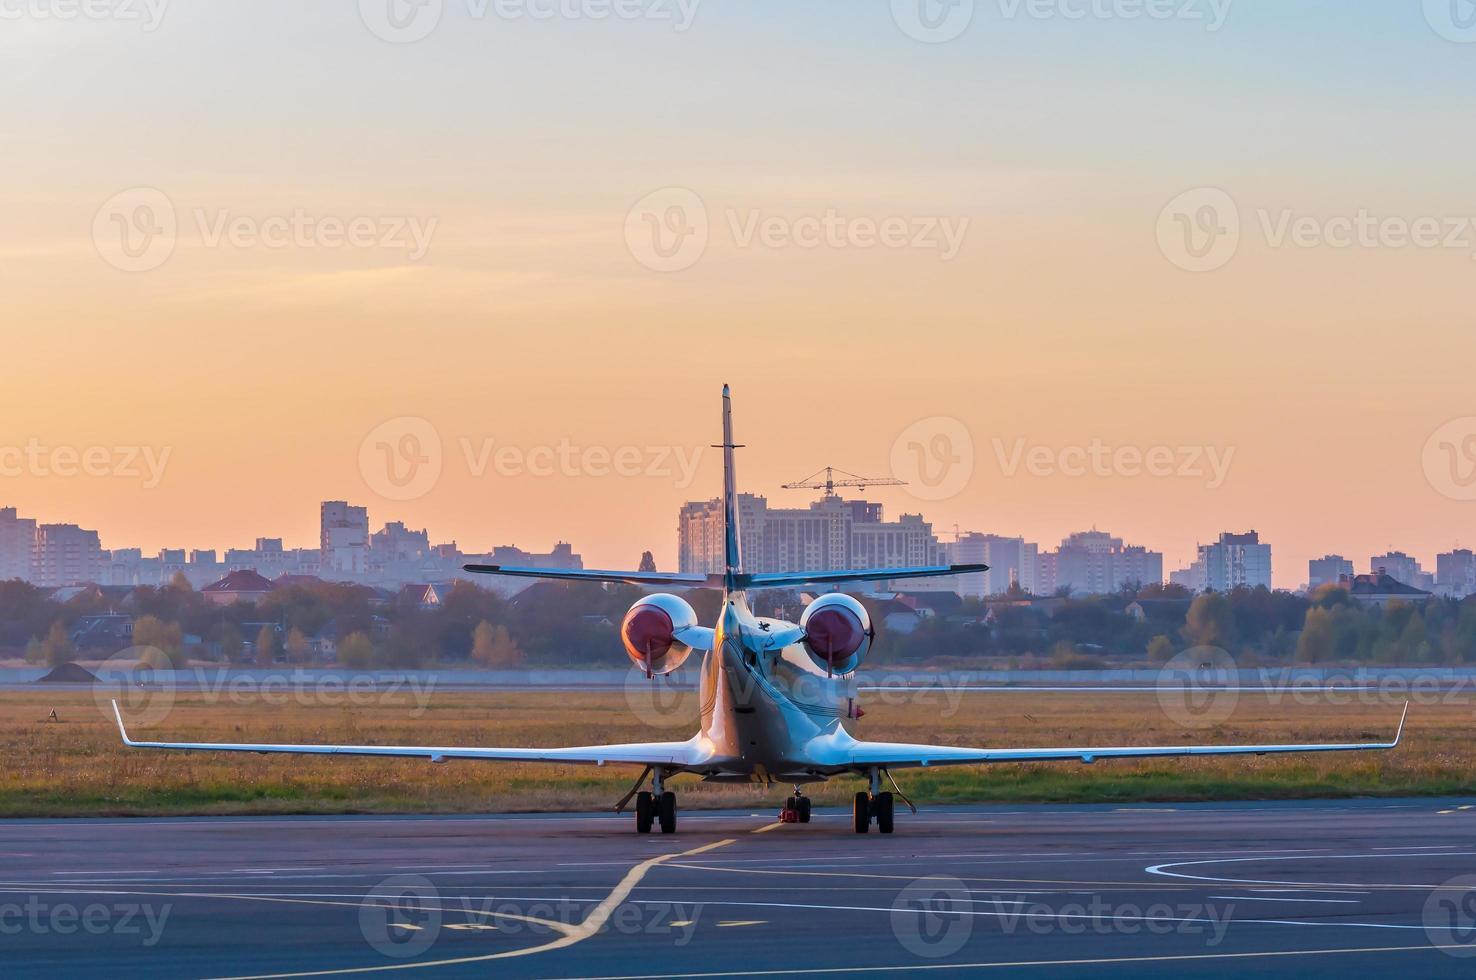 jato executivo no avental para aeronaves. o avião contra foto